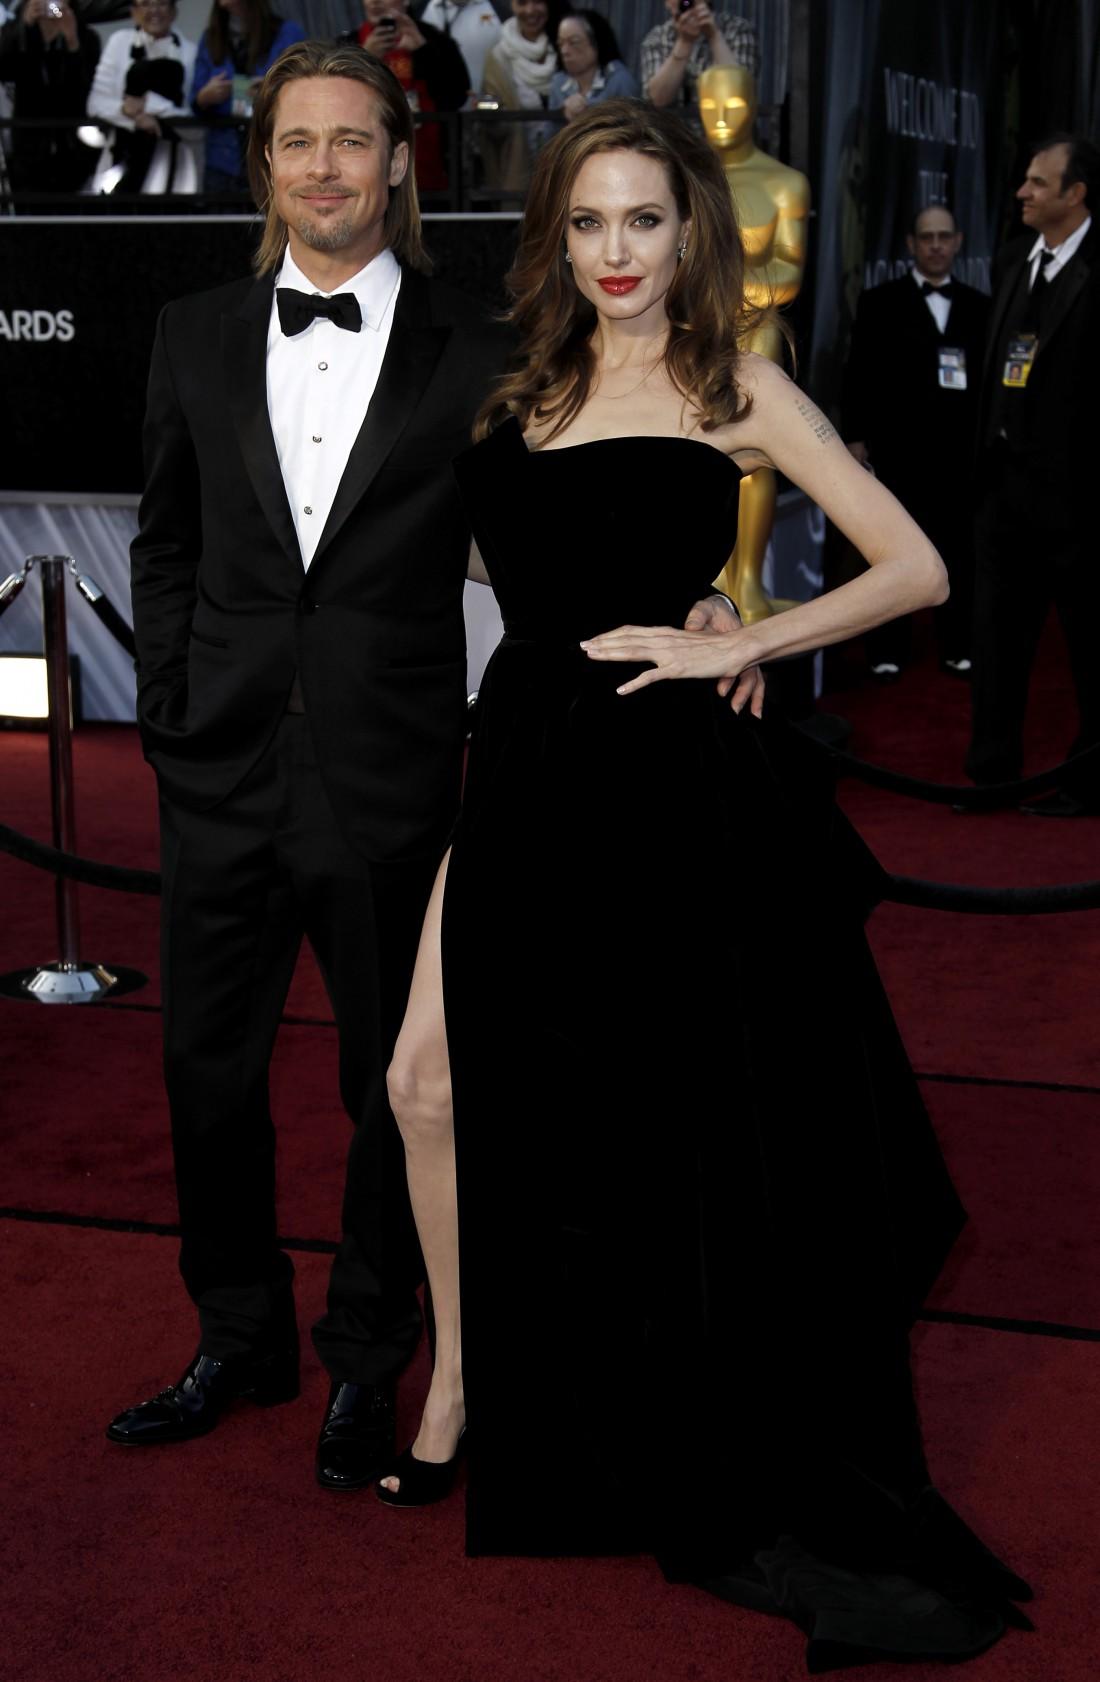 Голливудские актеры Бред Питт и Анджелина Джоли всегда радовали продуманными образами на красной дорожке